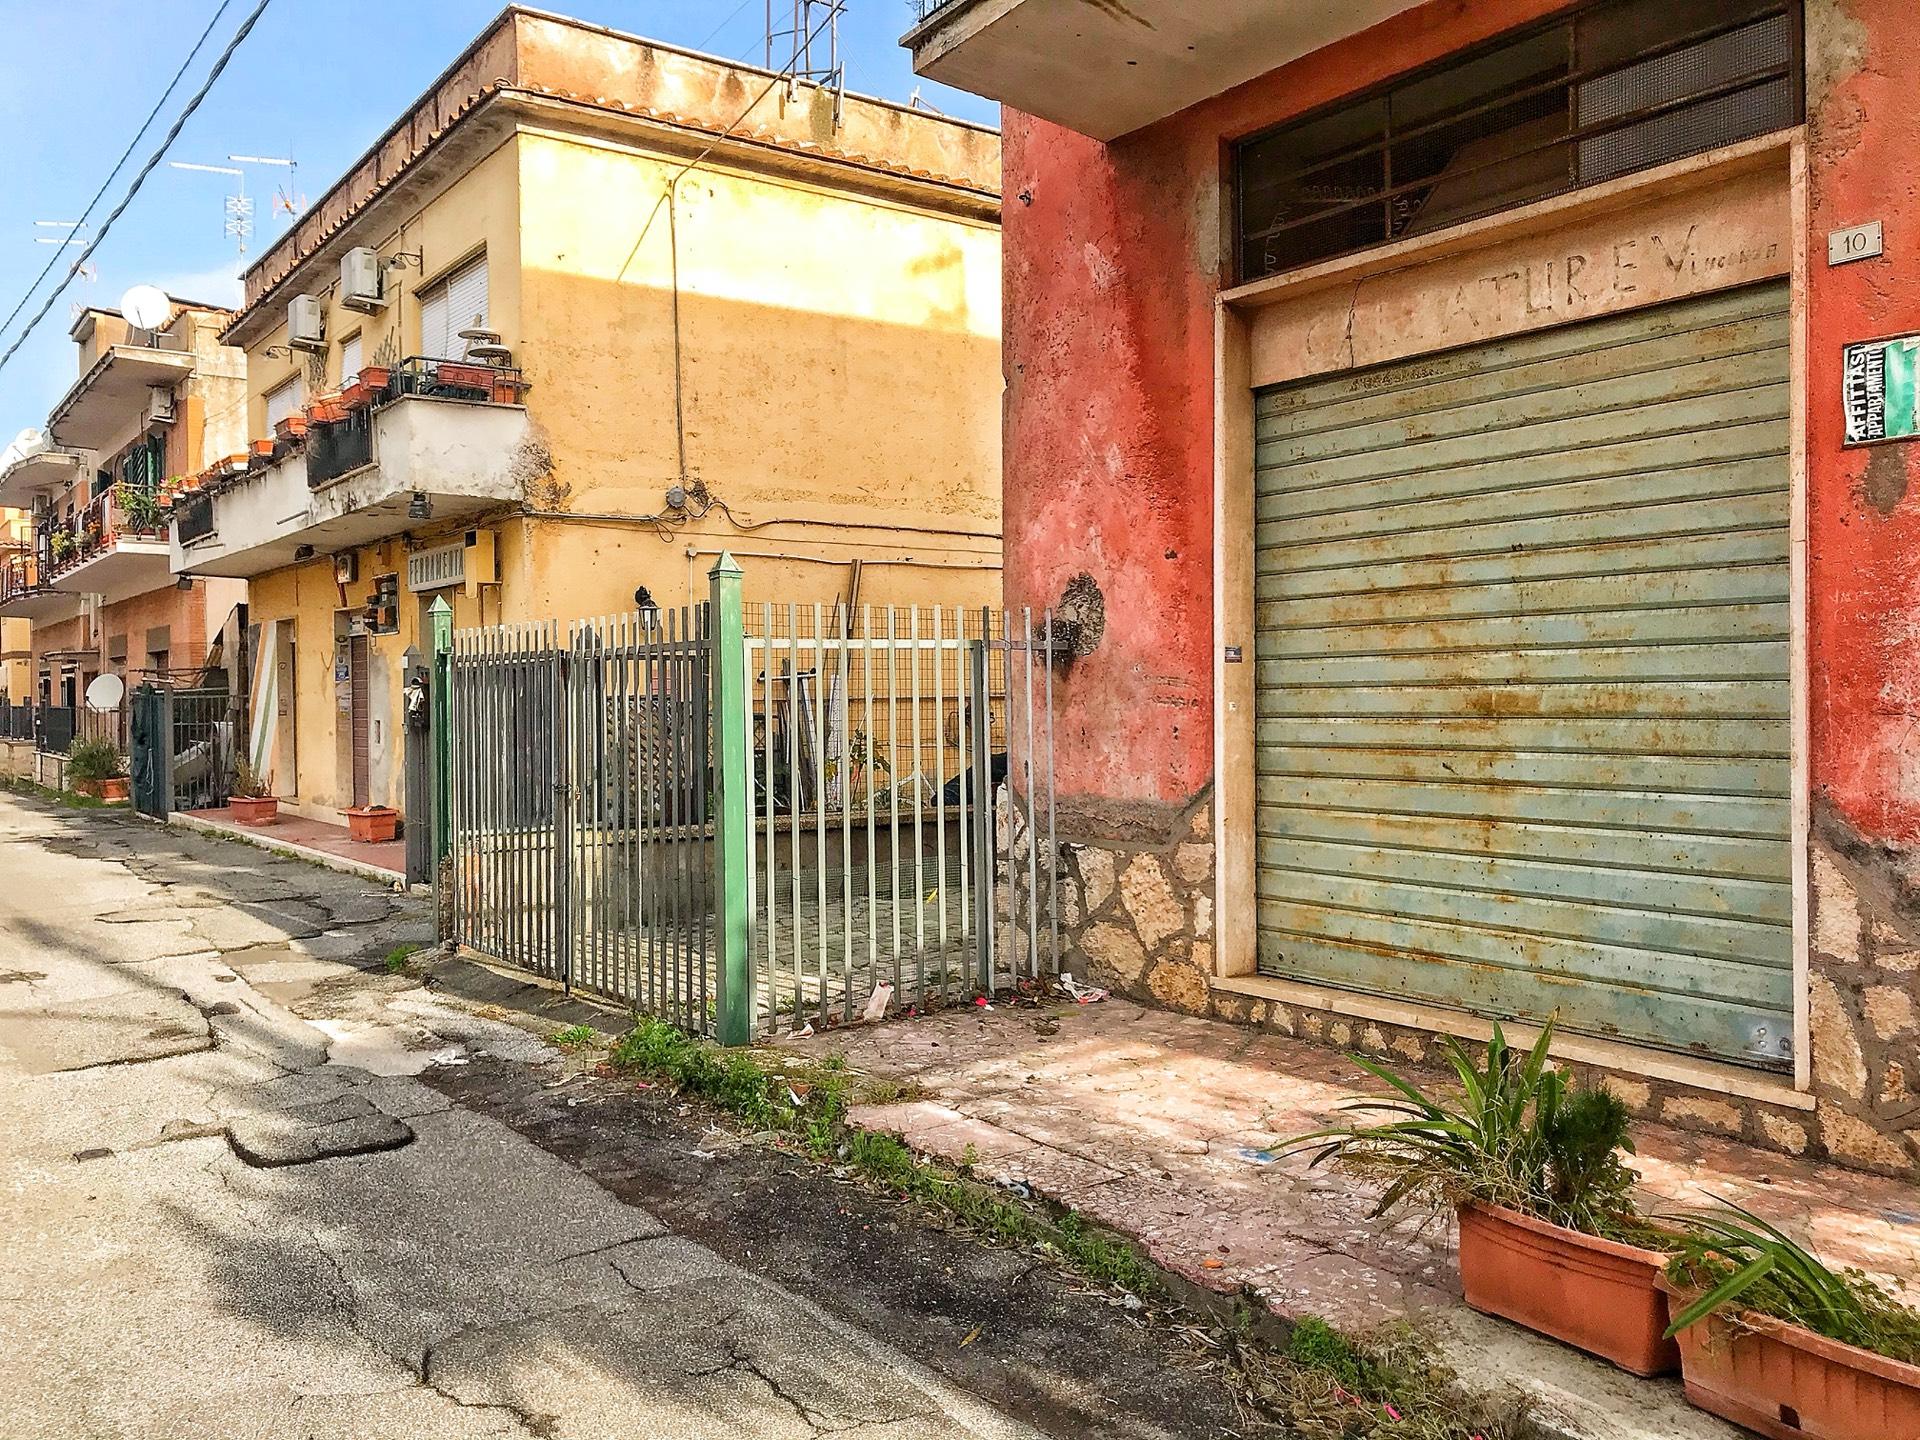 Appartamento in vendita a Tivoli, 2 locali, zona Località: VillaAdriana, prezzo € 110.000   CambioCasa.it